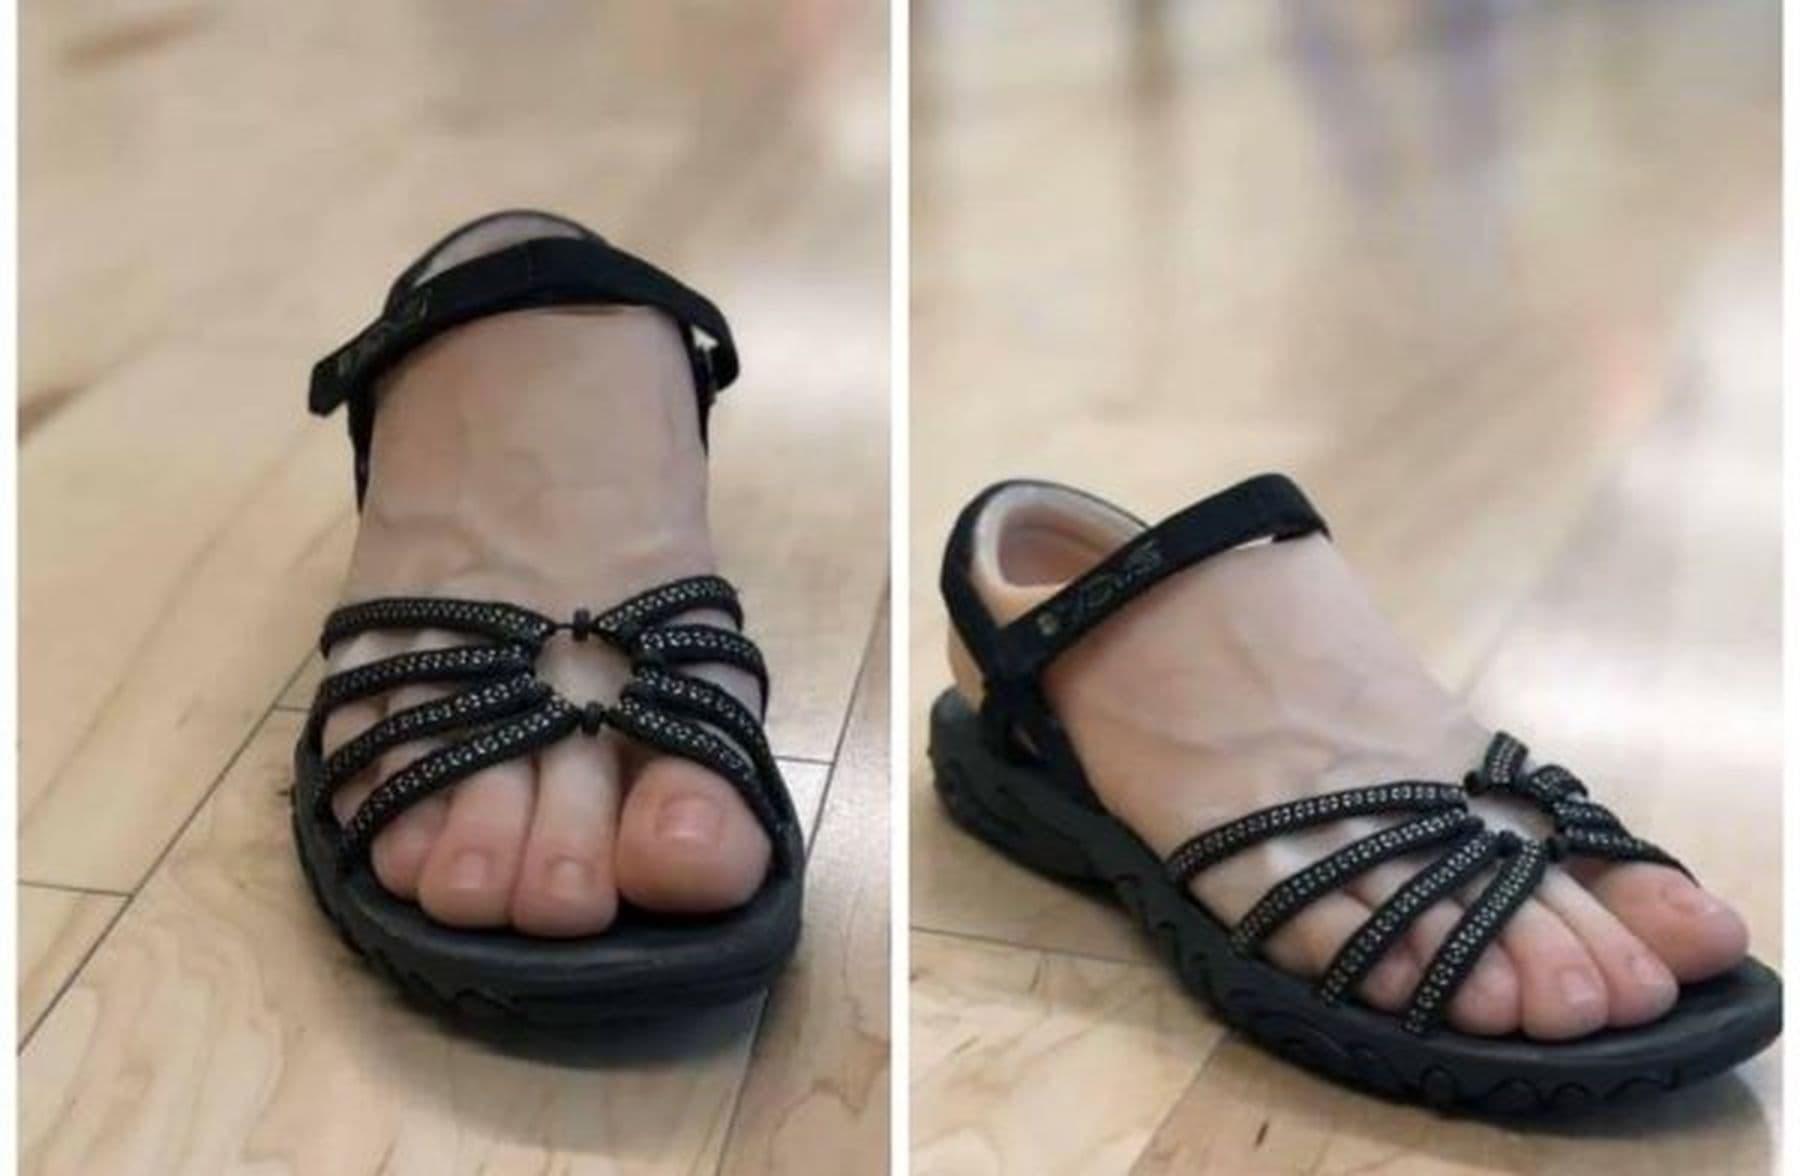 Sandalen für Menschen mit hässlichen Füßen | WTF | Was is hier eigentlich los?